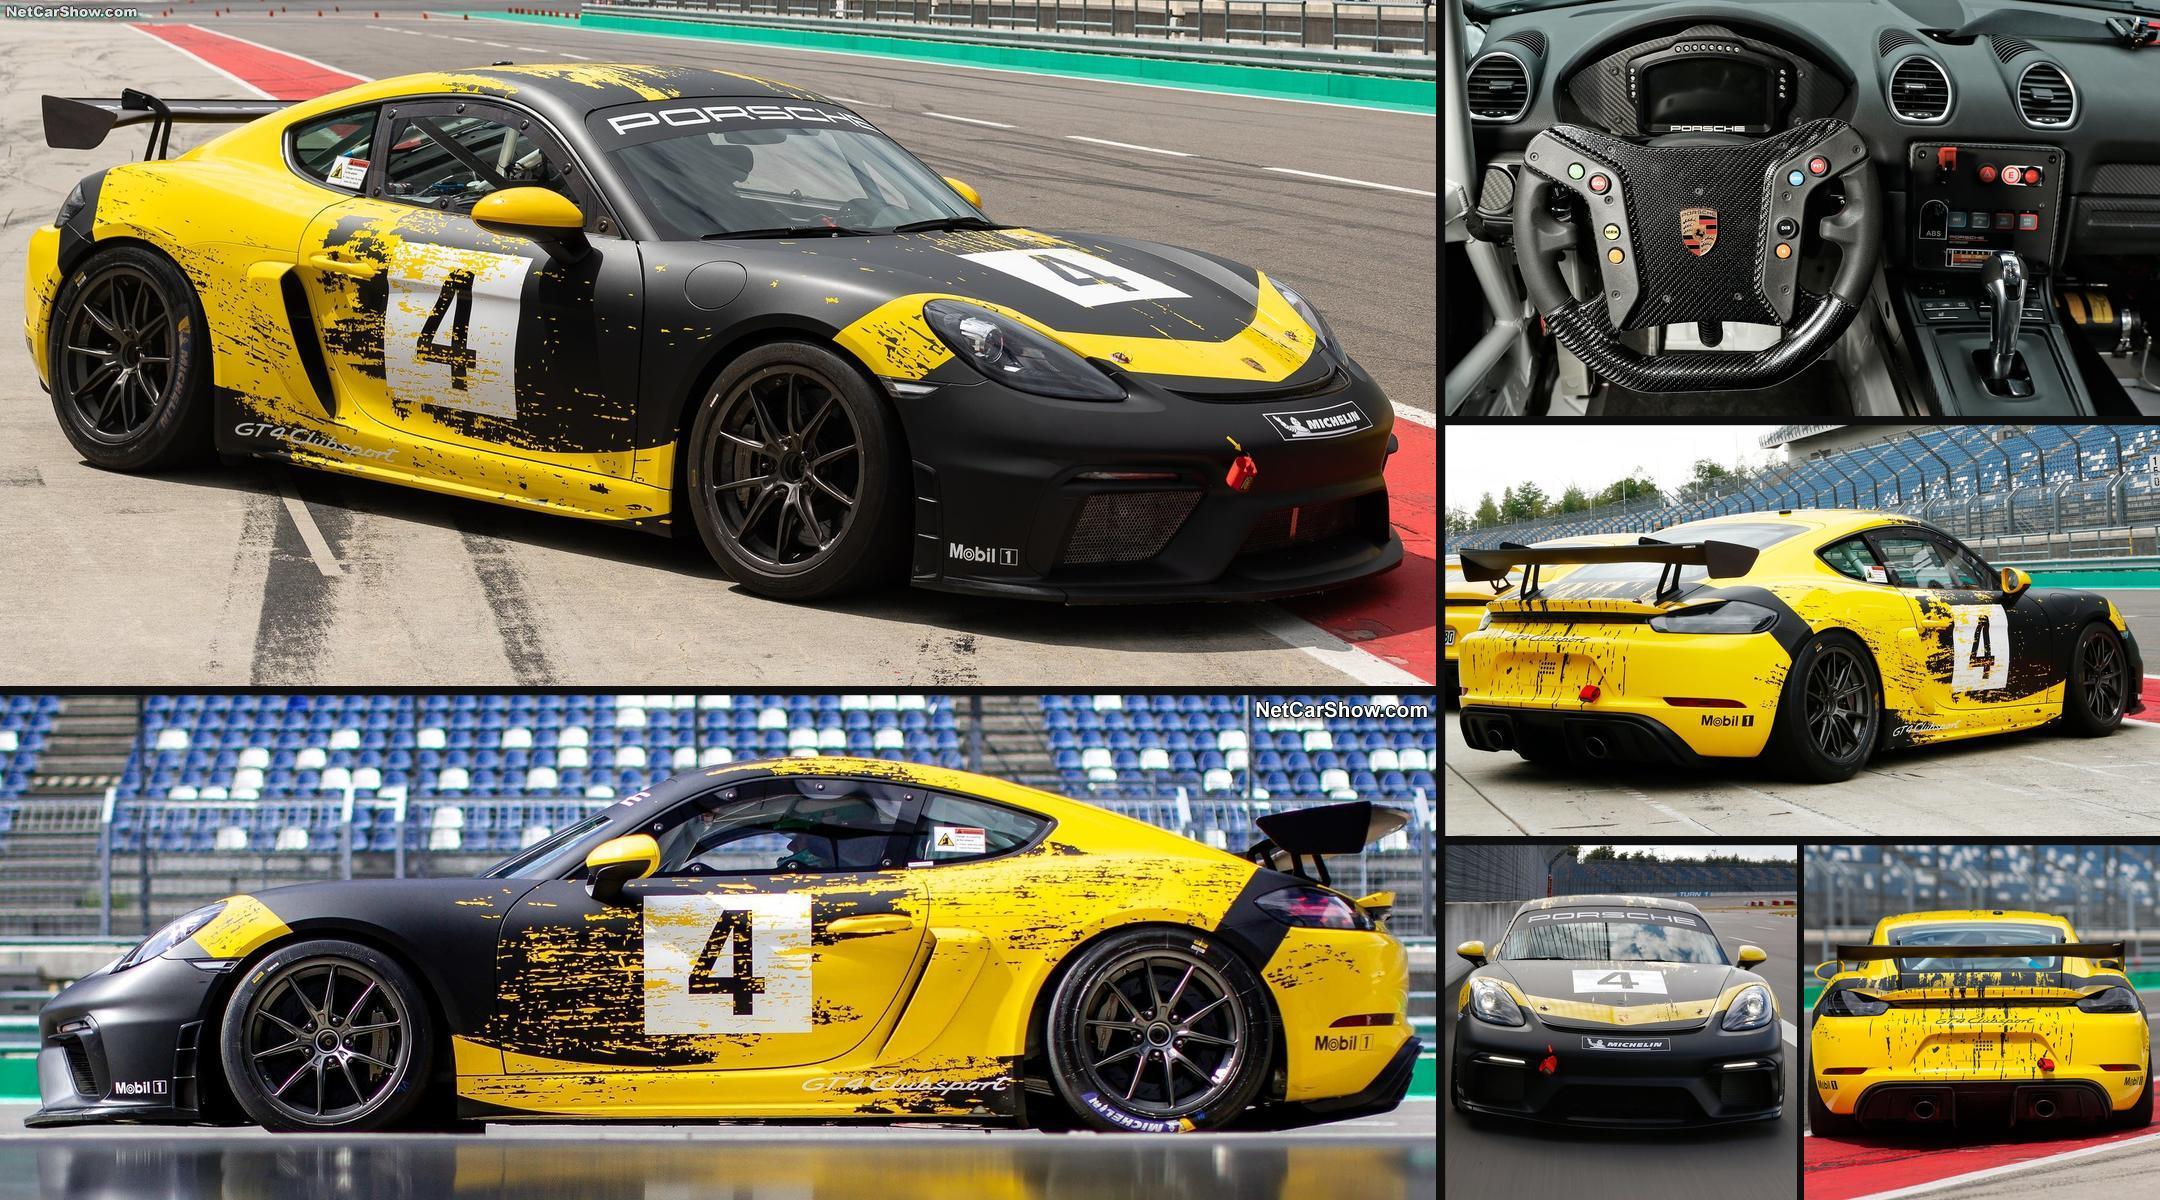 Porsche-718_Cayman_GT4_Clubsport-2019-ig.jpg